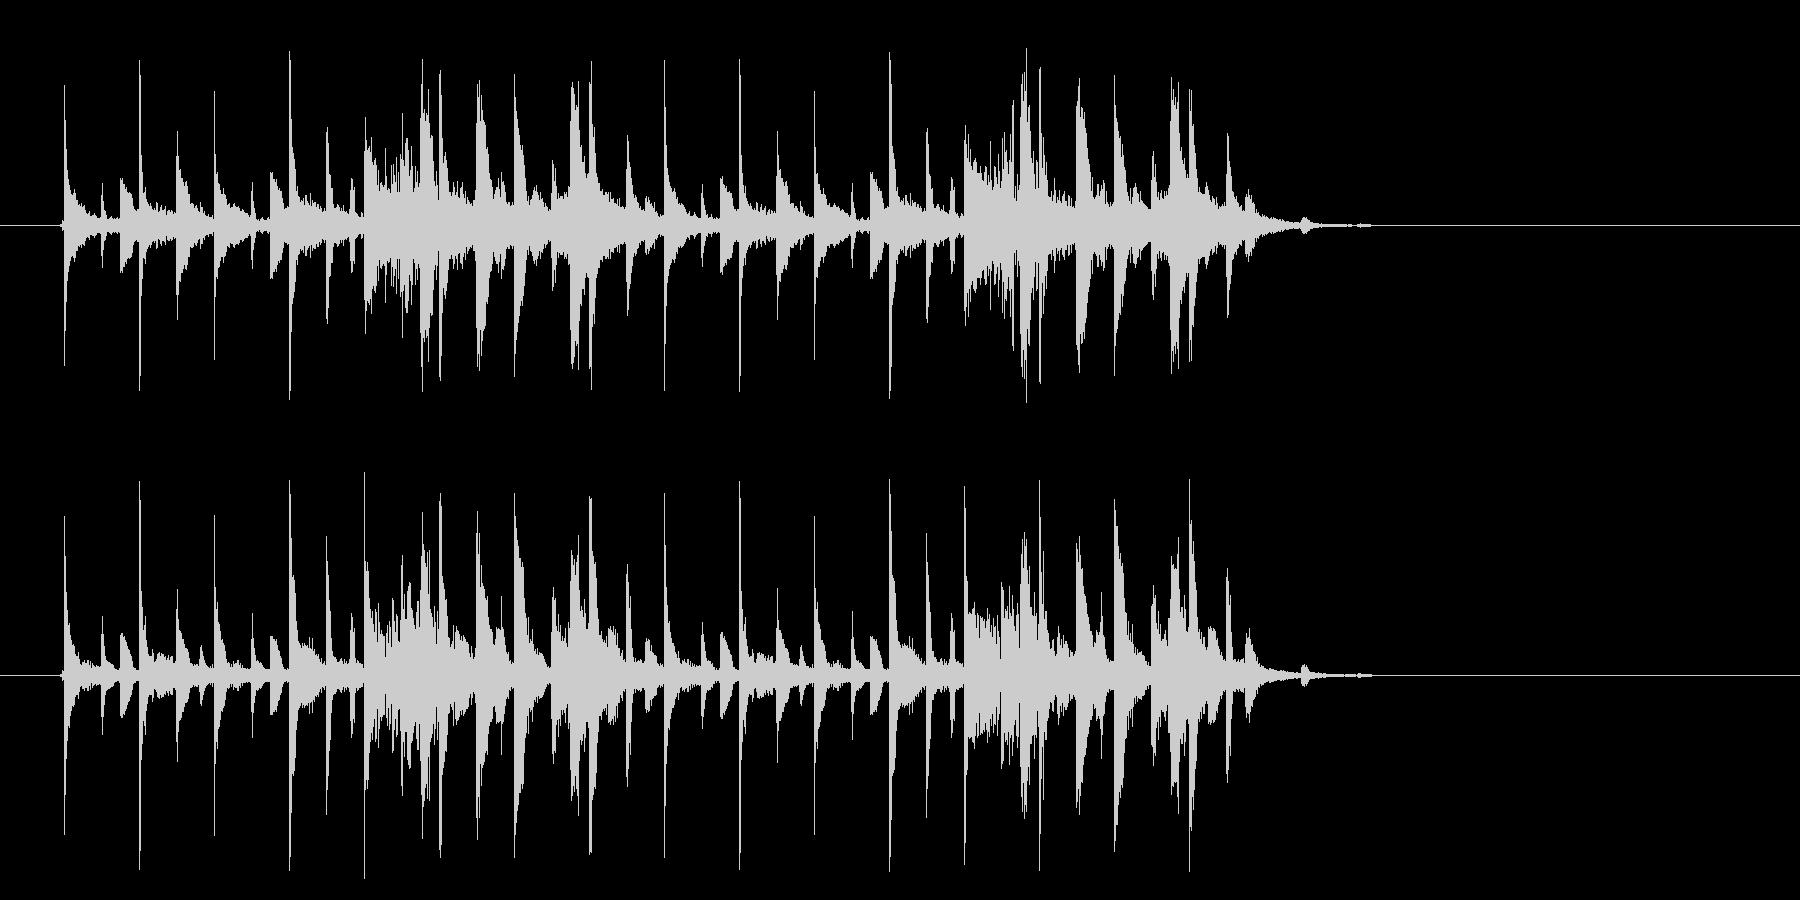 幻想的でテクノポップなミュージックの未再生の波形